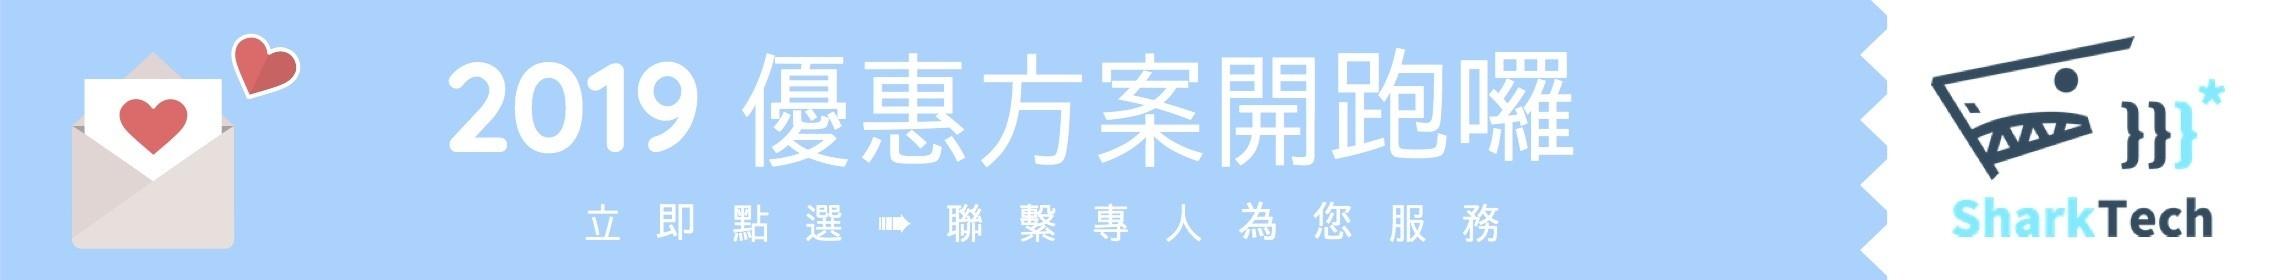 2019網站SEO優化顧問方案正式啟動-鯊客科技SEO優化公司